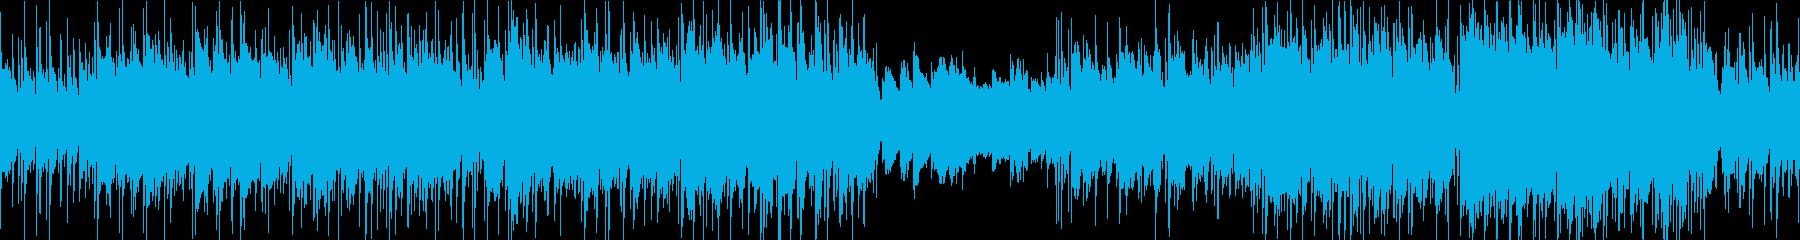 ファンタジーRPG爽やかケルト・ループ版の再生済みの波形